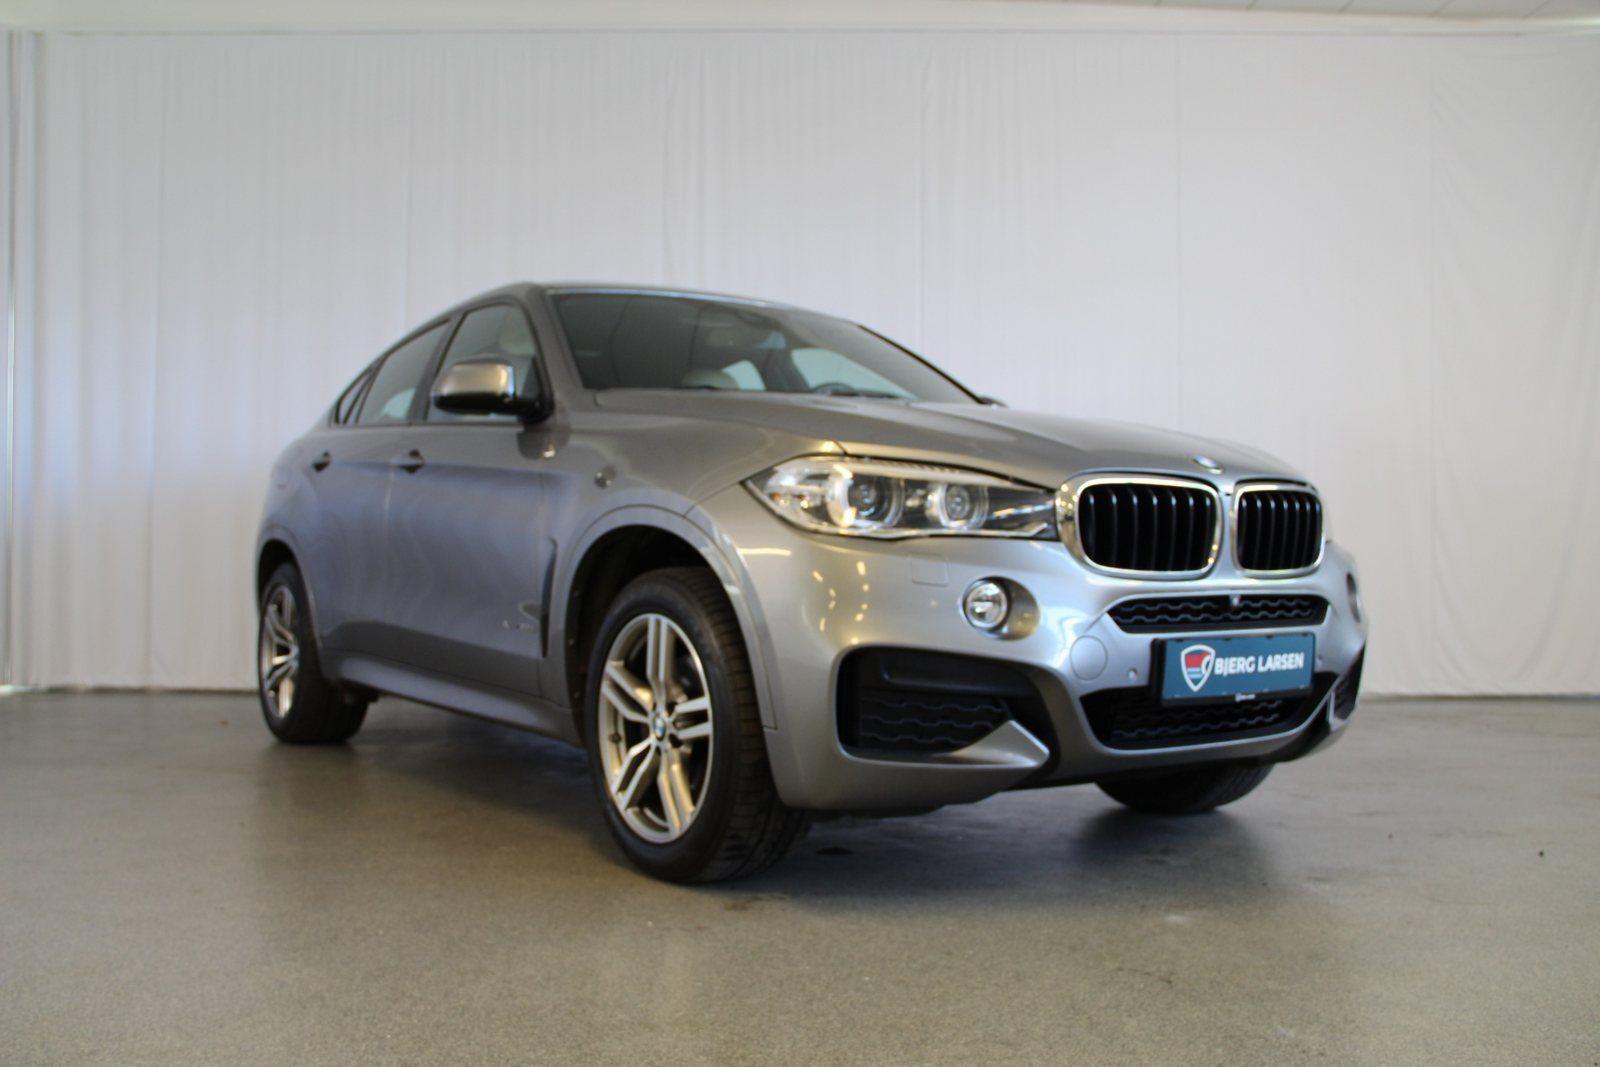 BMW X6 3,0 xDrive30d aut. 5d - 629.900 kr.